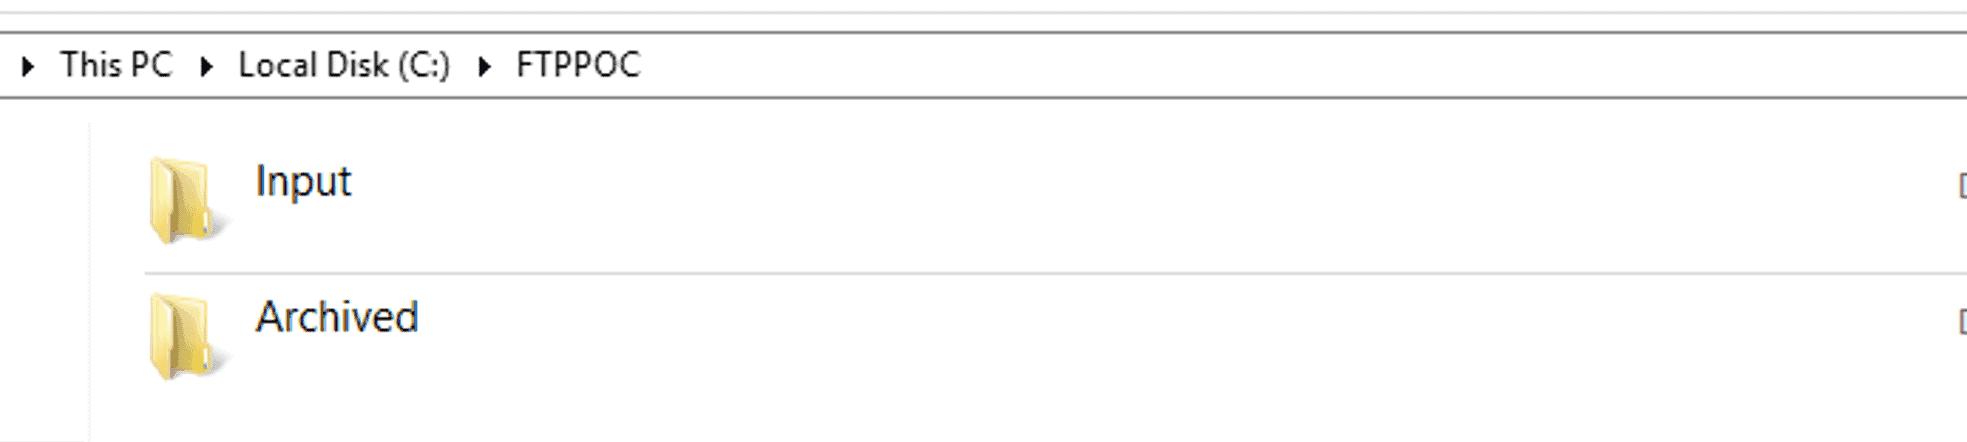 FTP File Access